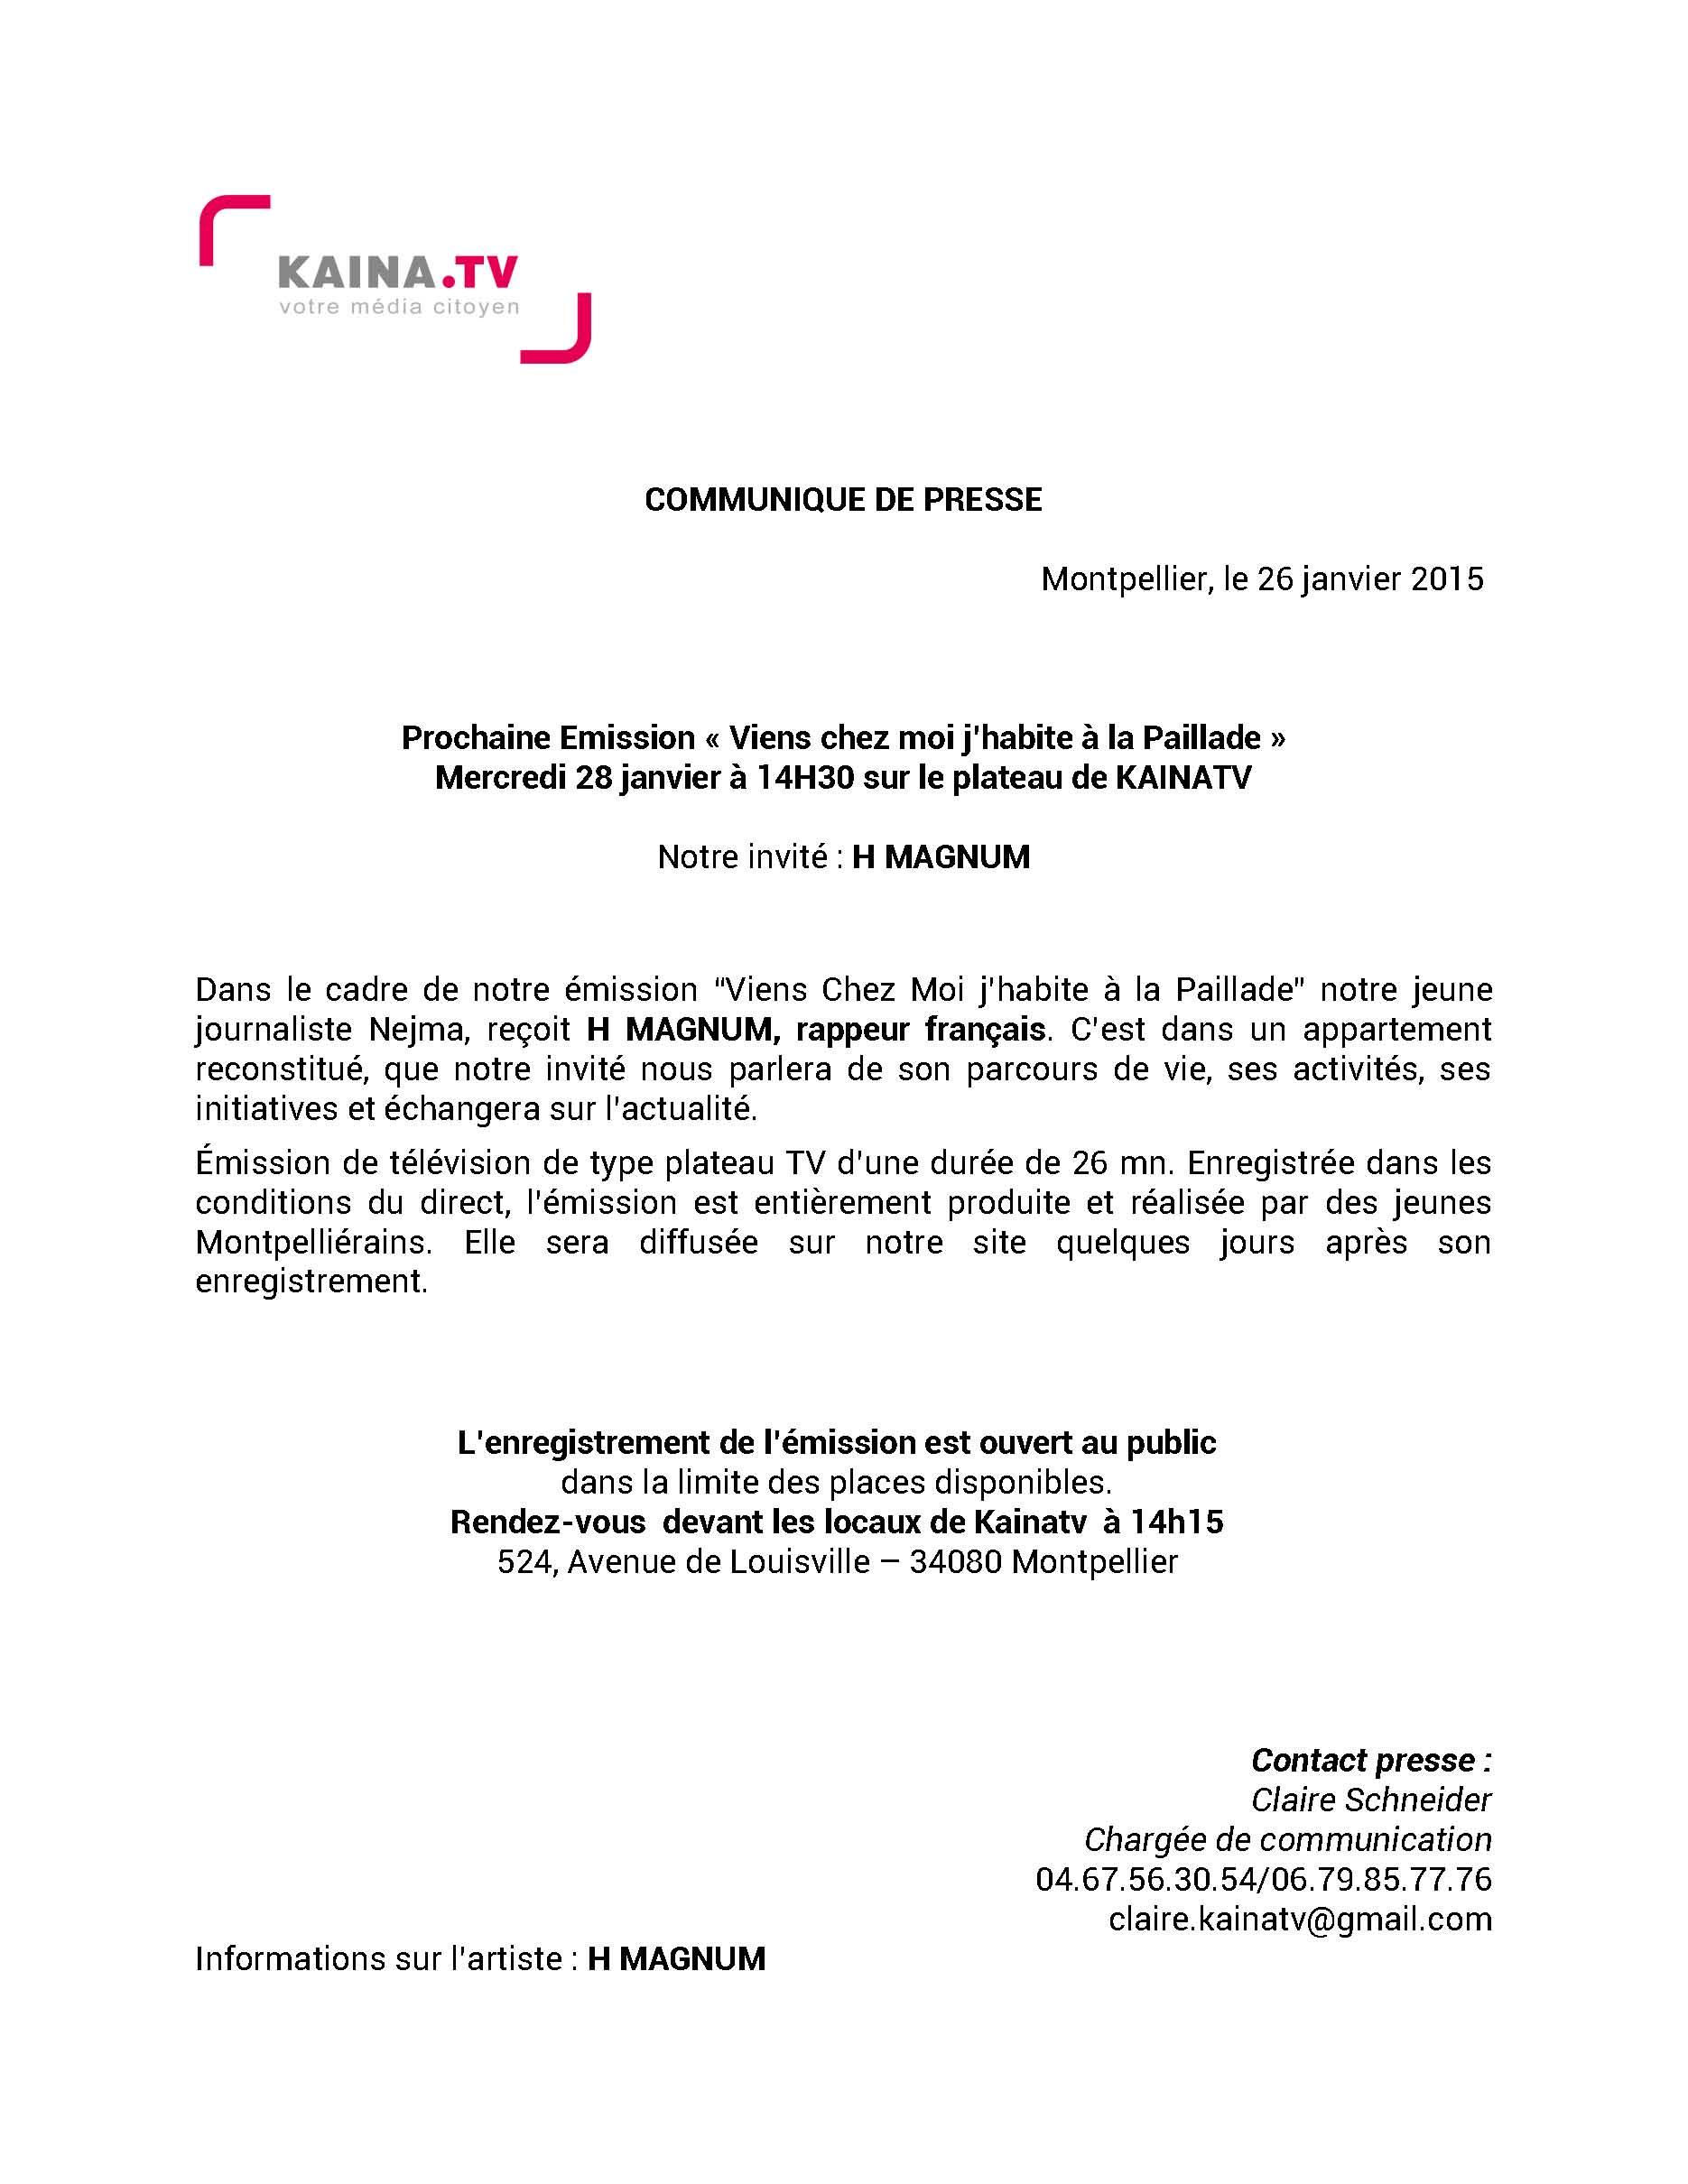 CP-VCM-28 janvier 2015_claire schneider